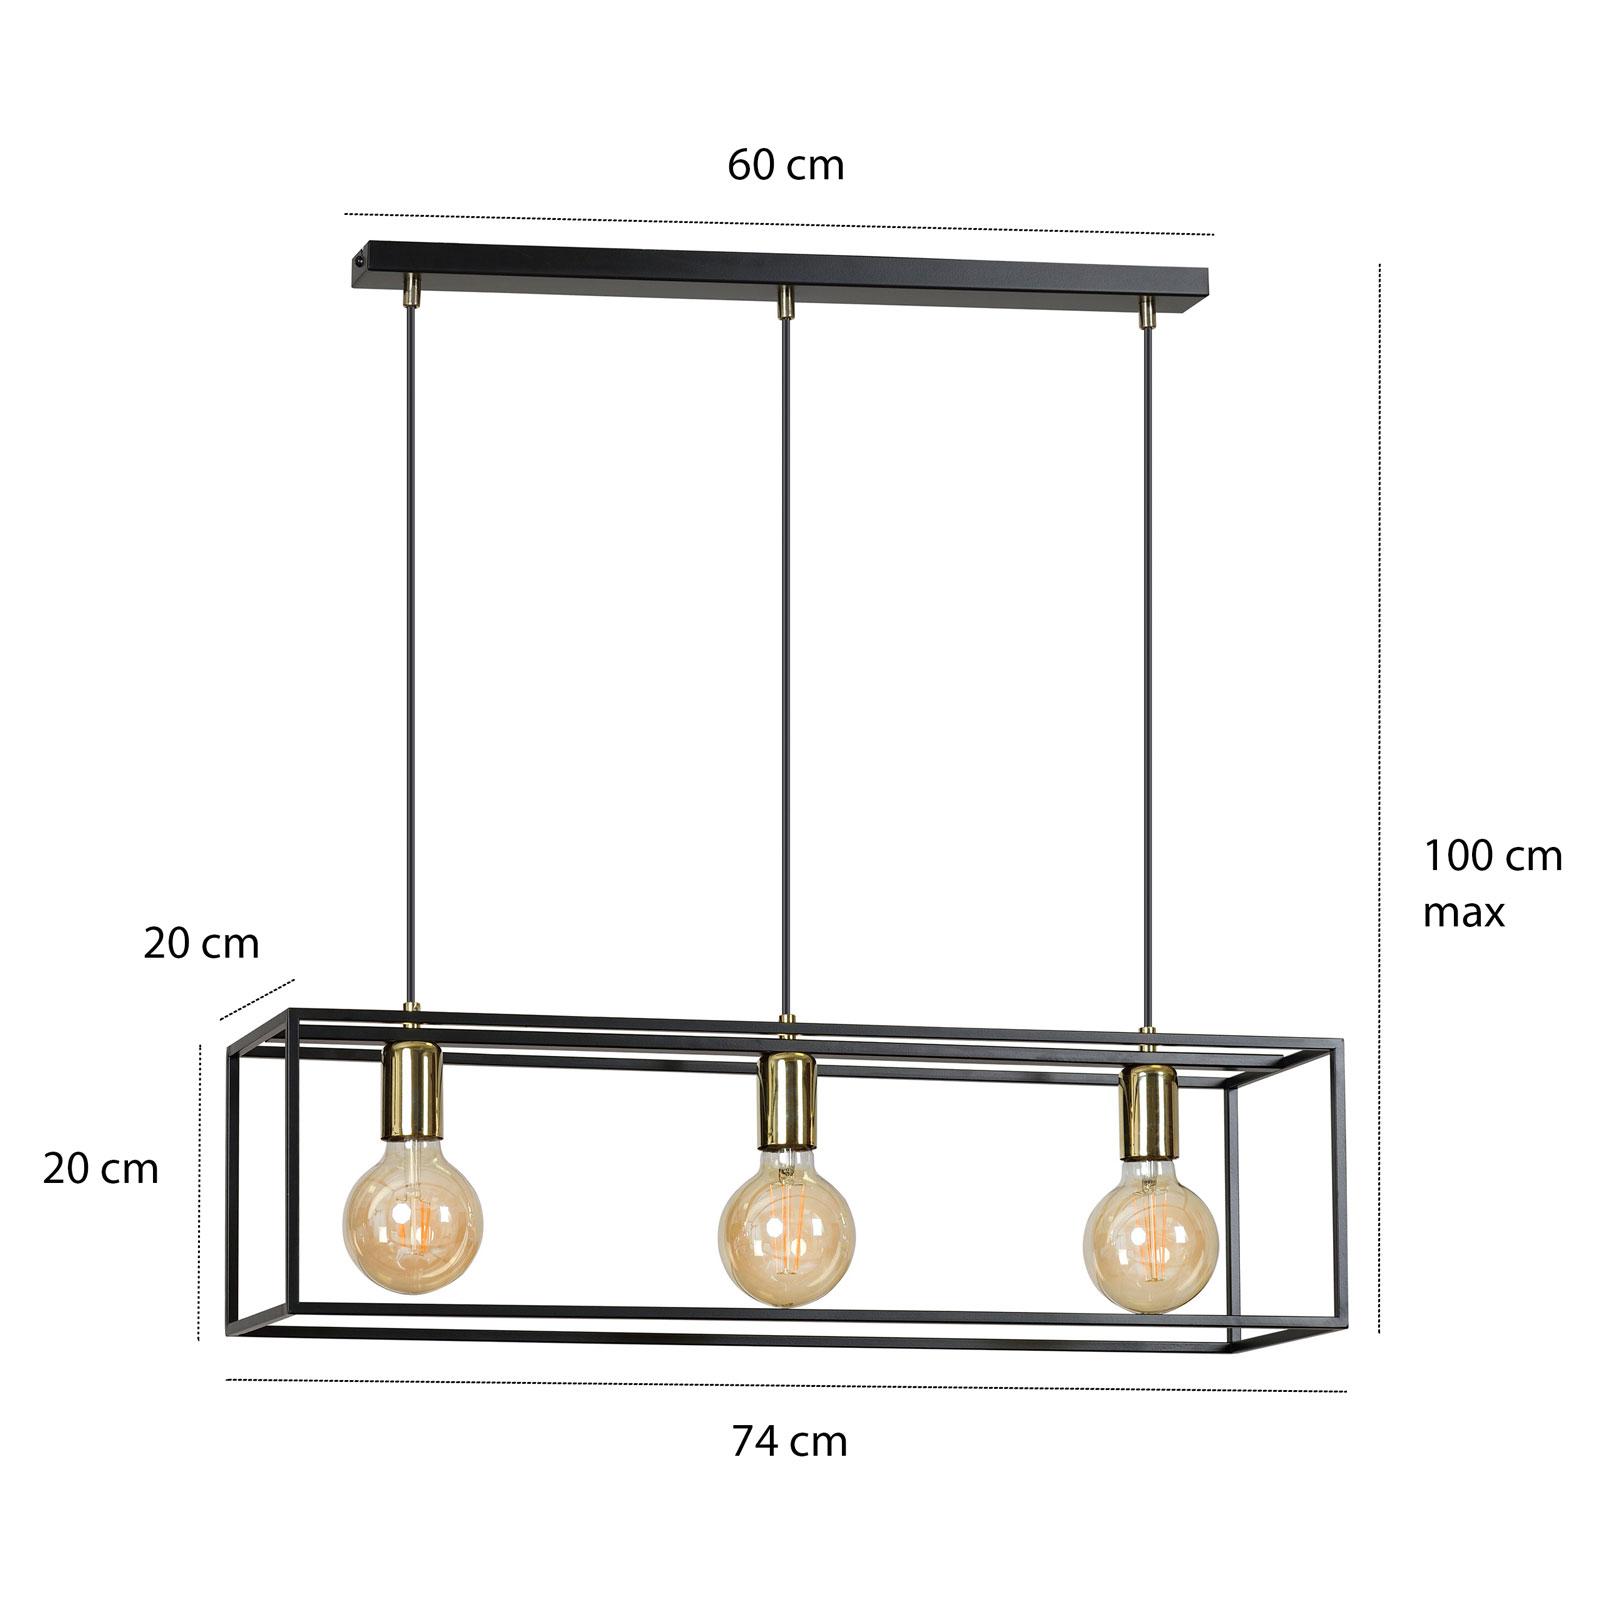 Hanglamp Karmen 3, 3-lamps, zwart